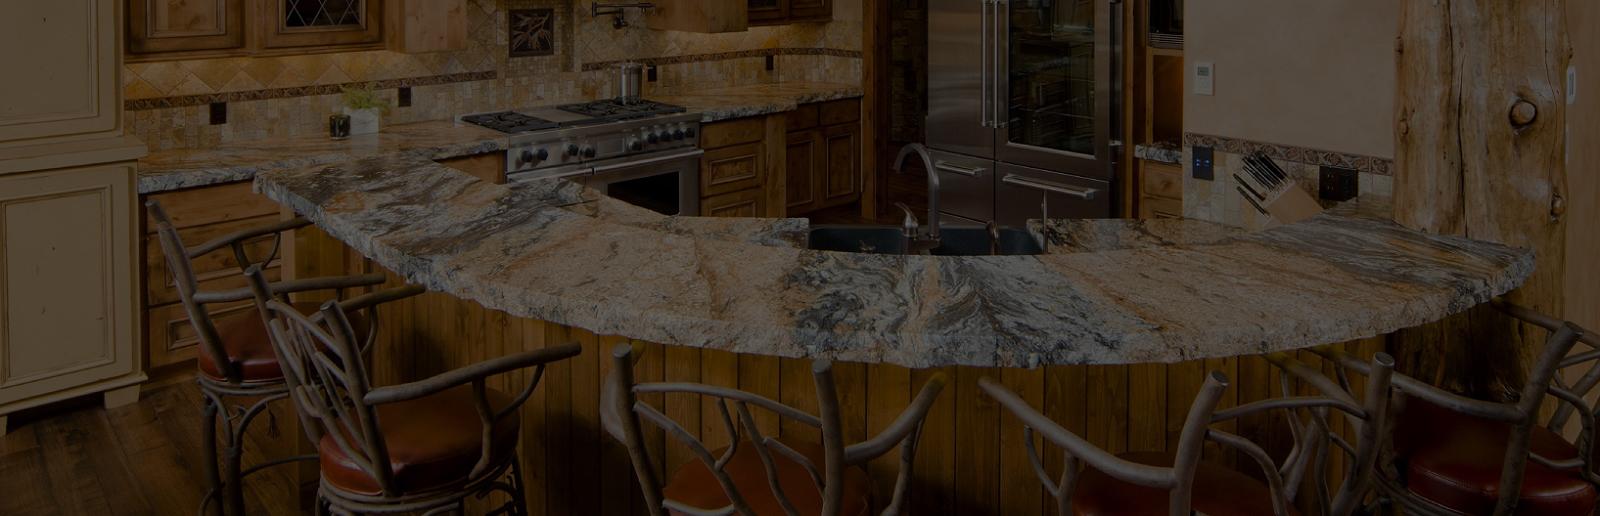 Universal Marble Amp Granite Toledo Ohio Starting At 34